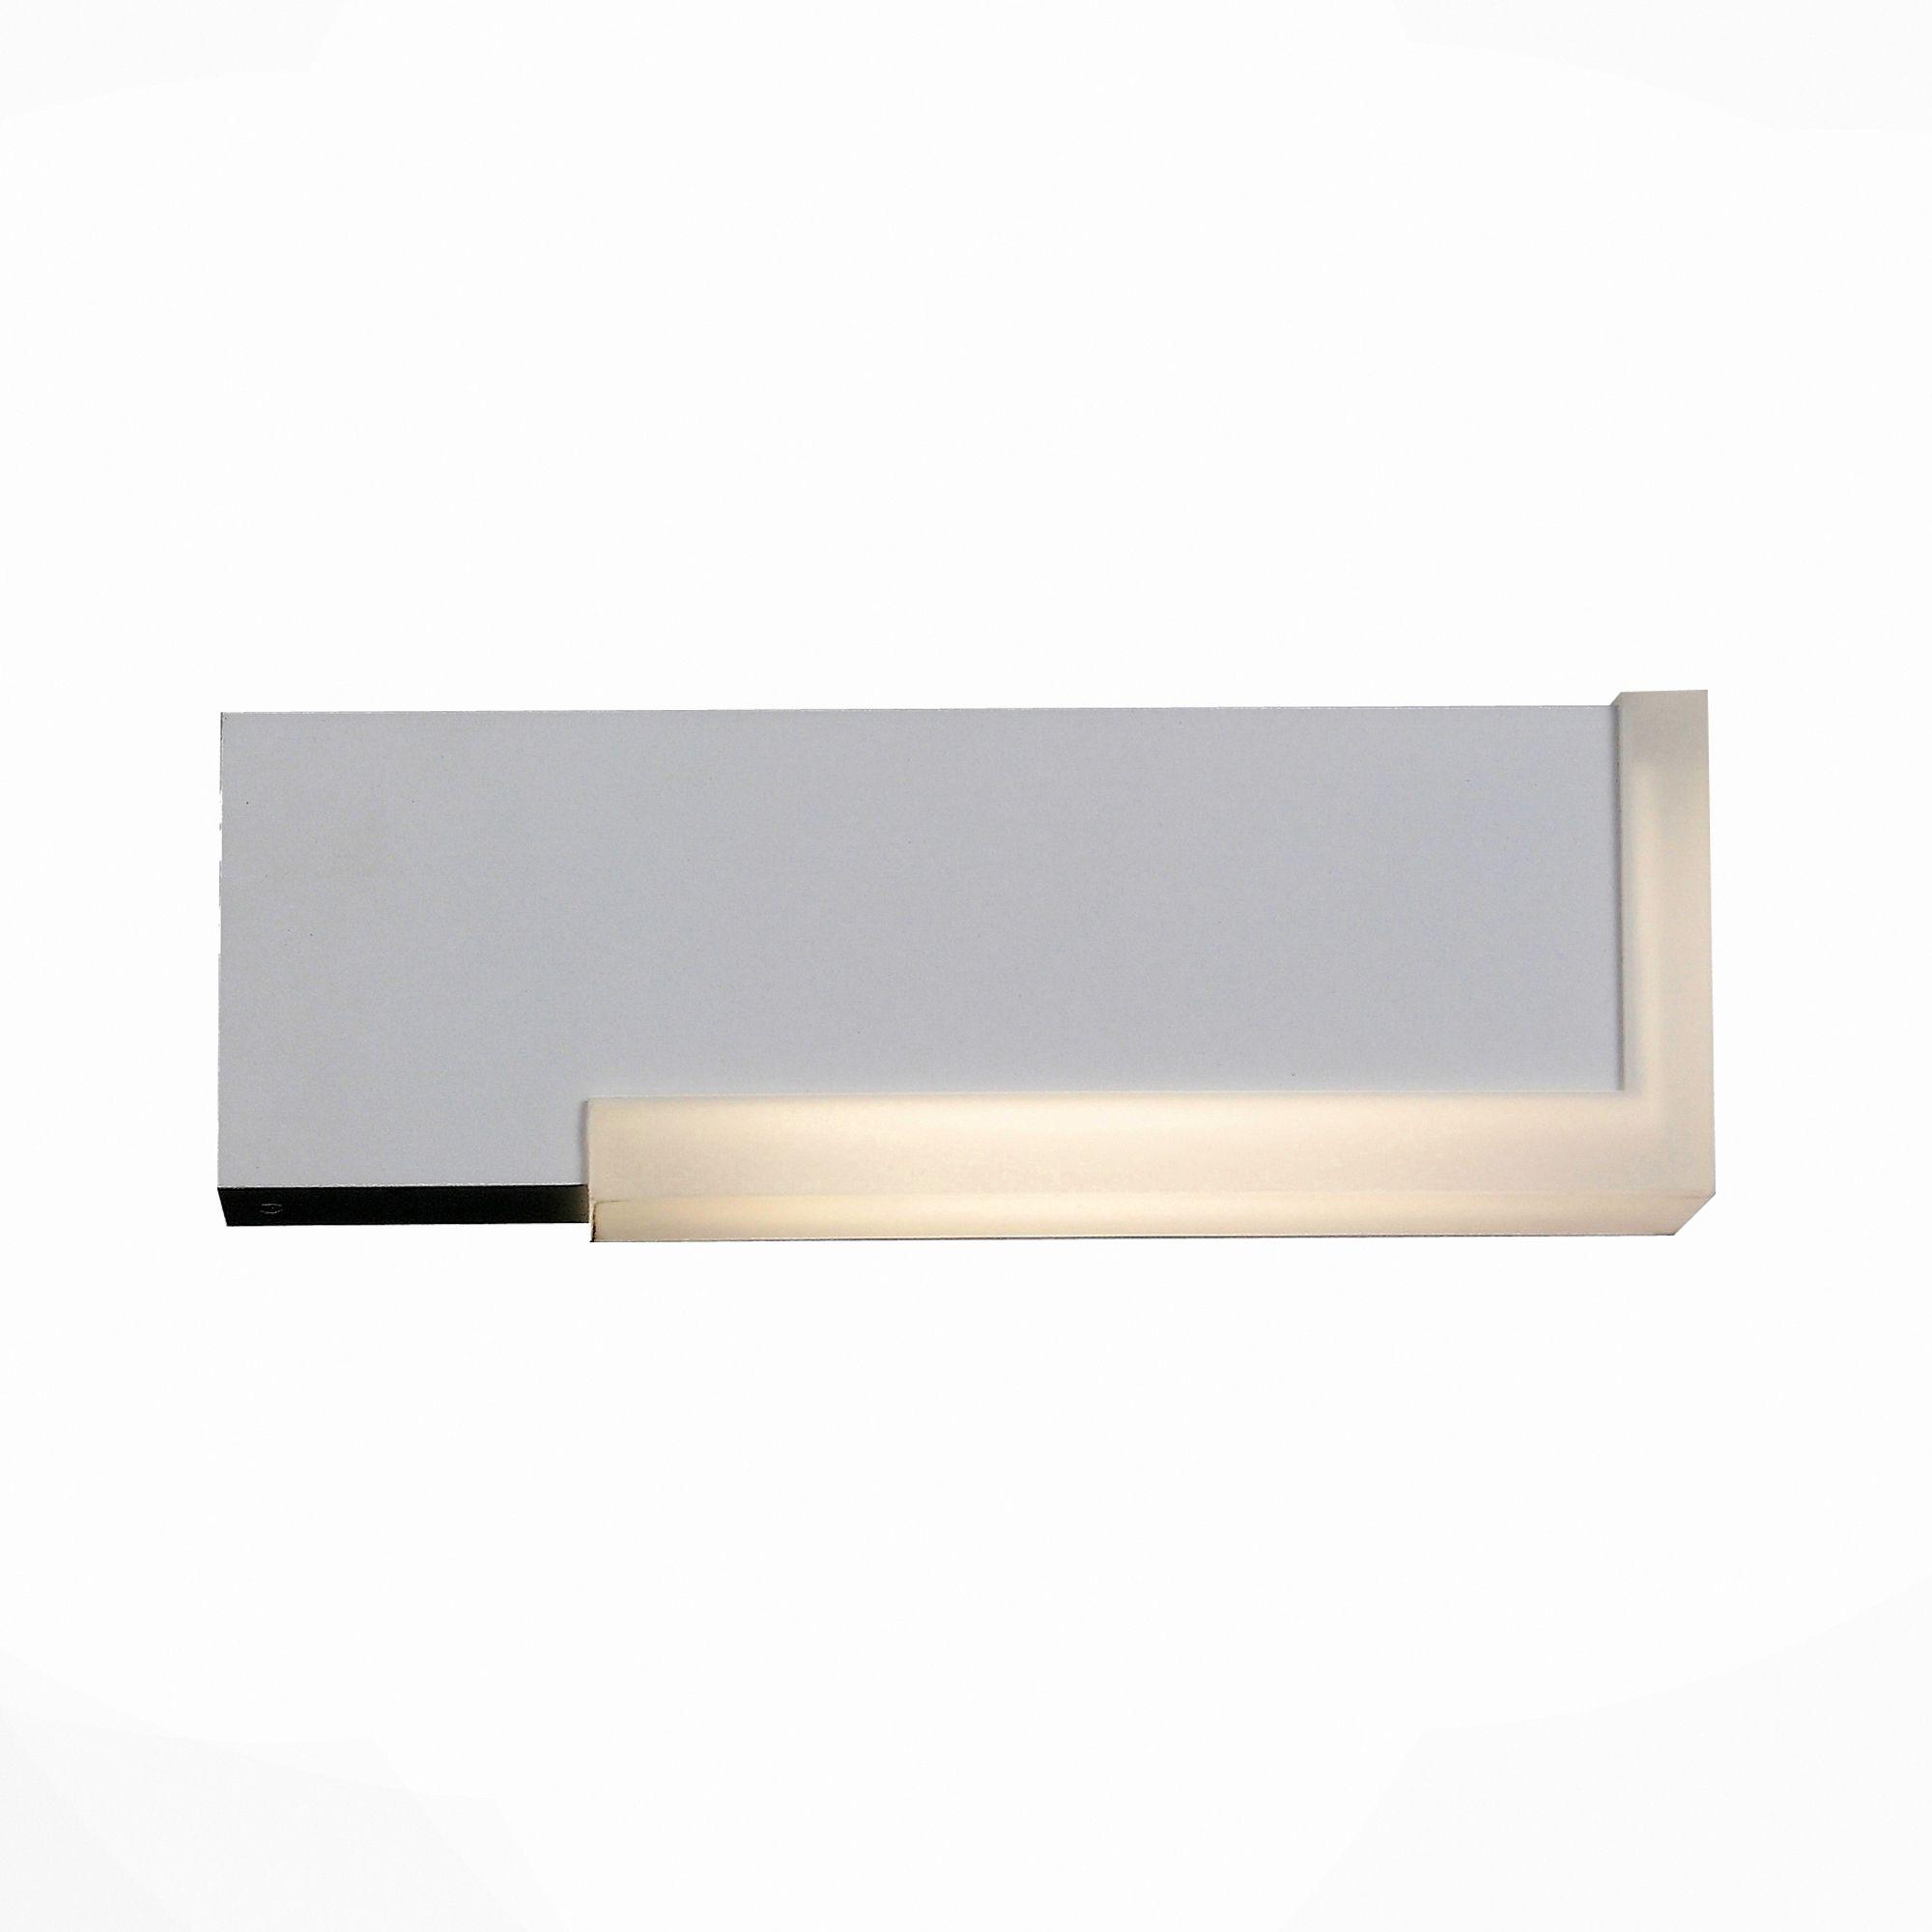 Светильник уличный настенный ST-Luce Белый/Белый LED 2*2W SL096.501.02